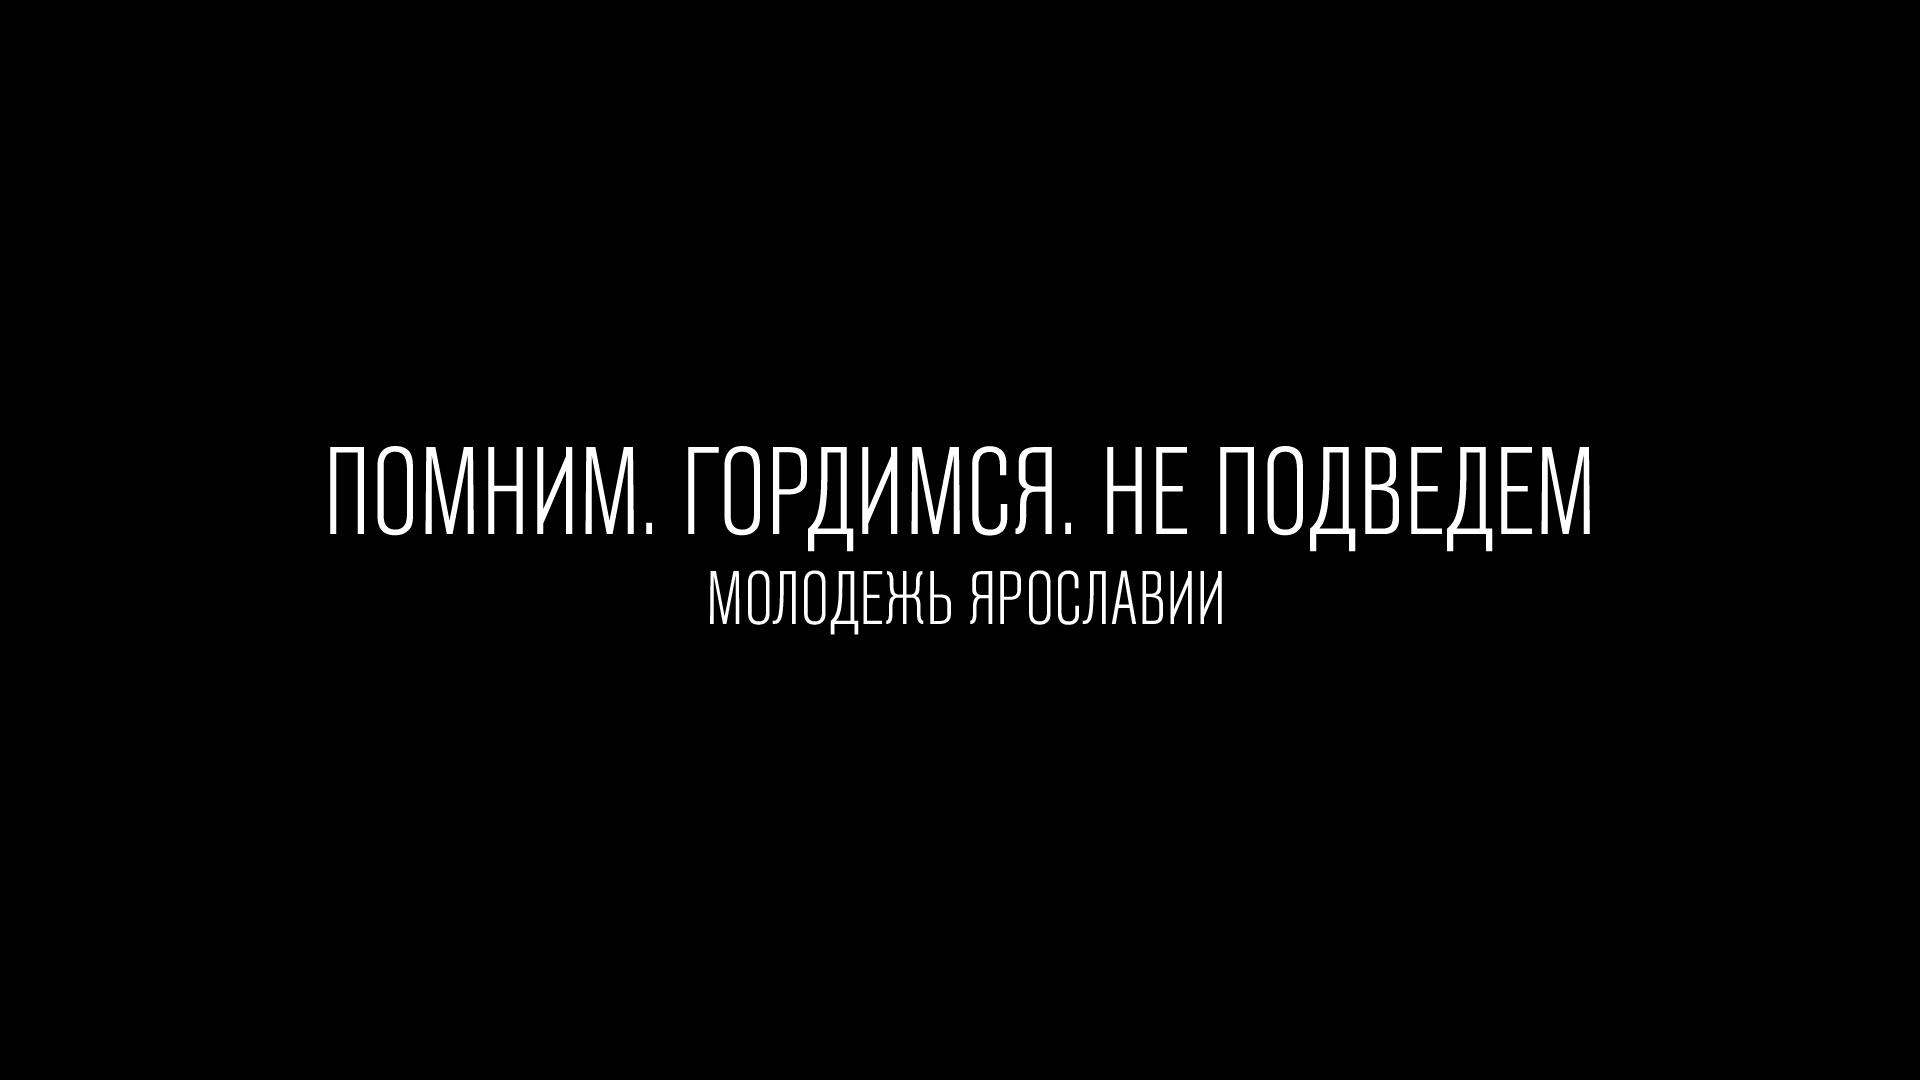 В Ярославской области продолжается видеоэстафета под названием «Помним. Гордимся. Не подведем»